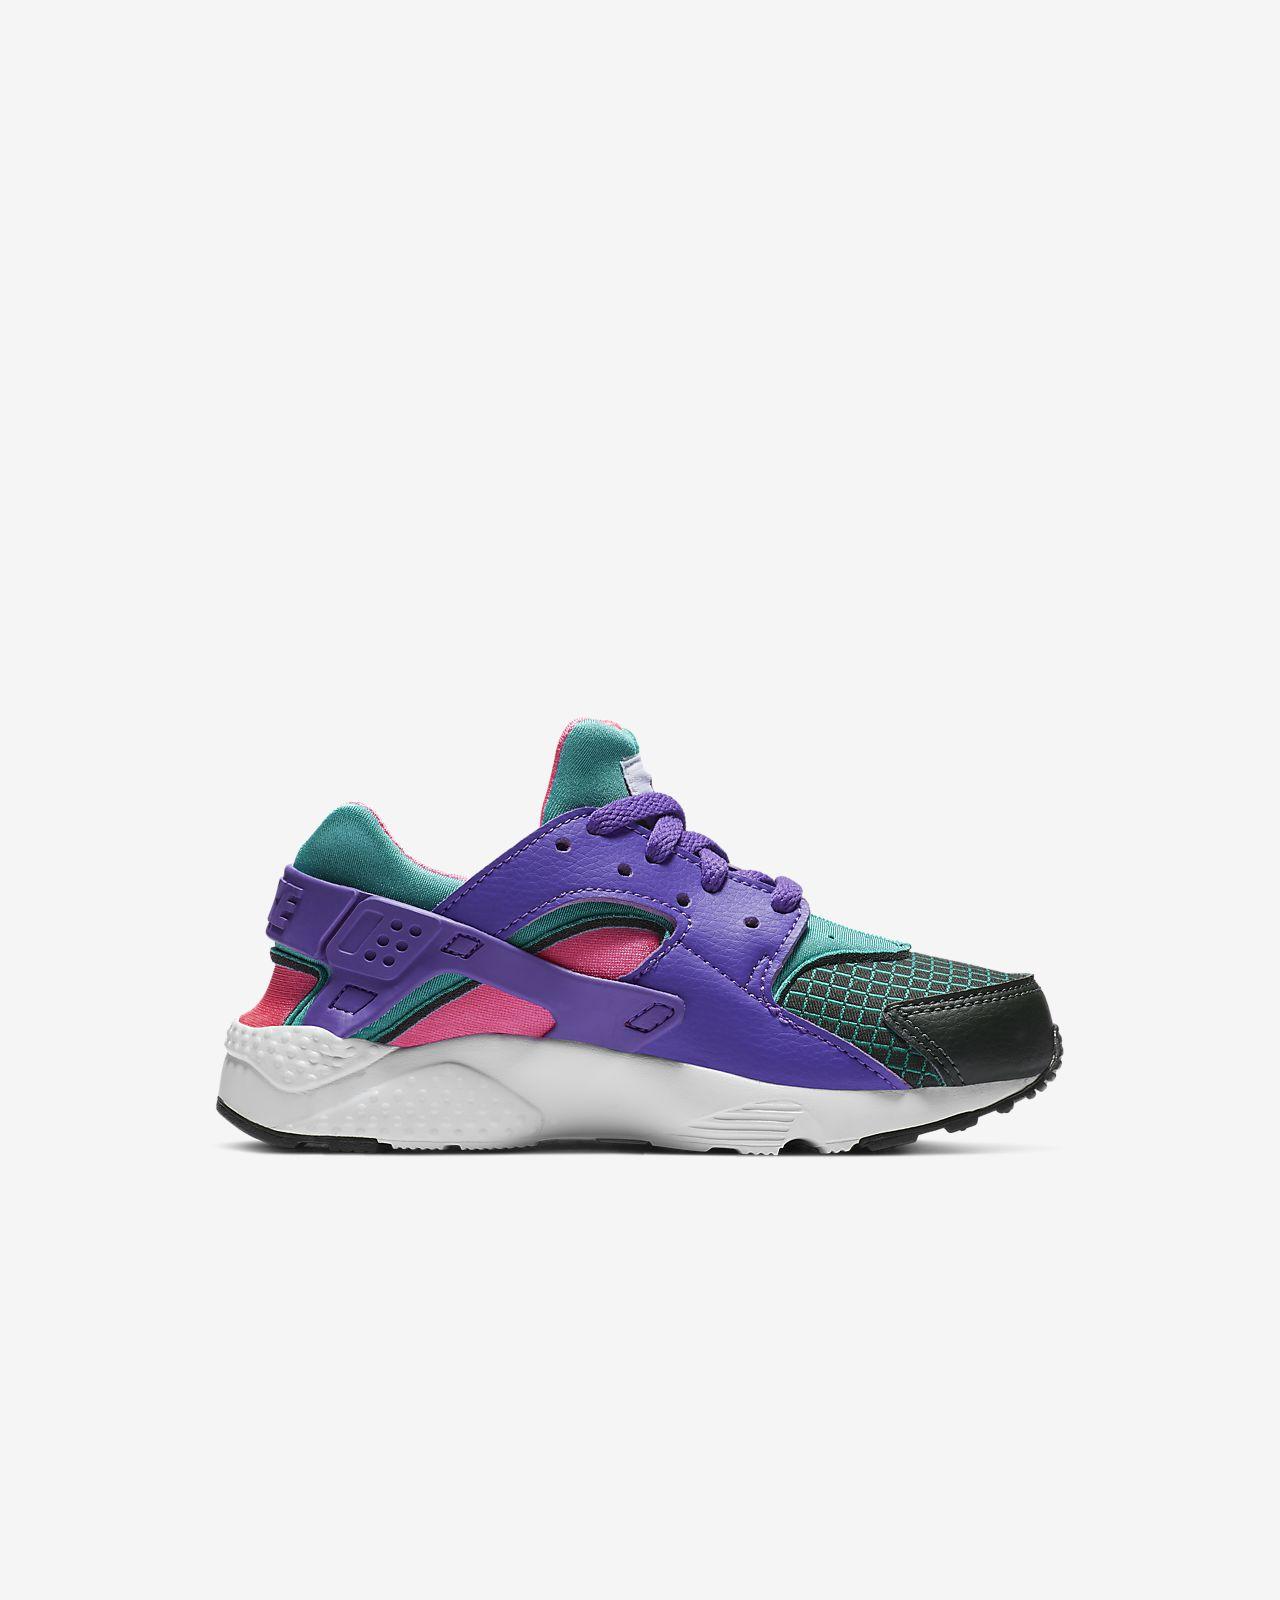 35afb43901ae Nike Huarache Run Ultra Now Little Kids  Shoe. Nike.com